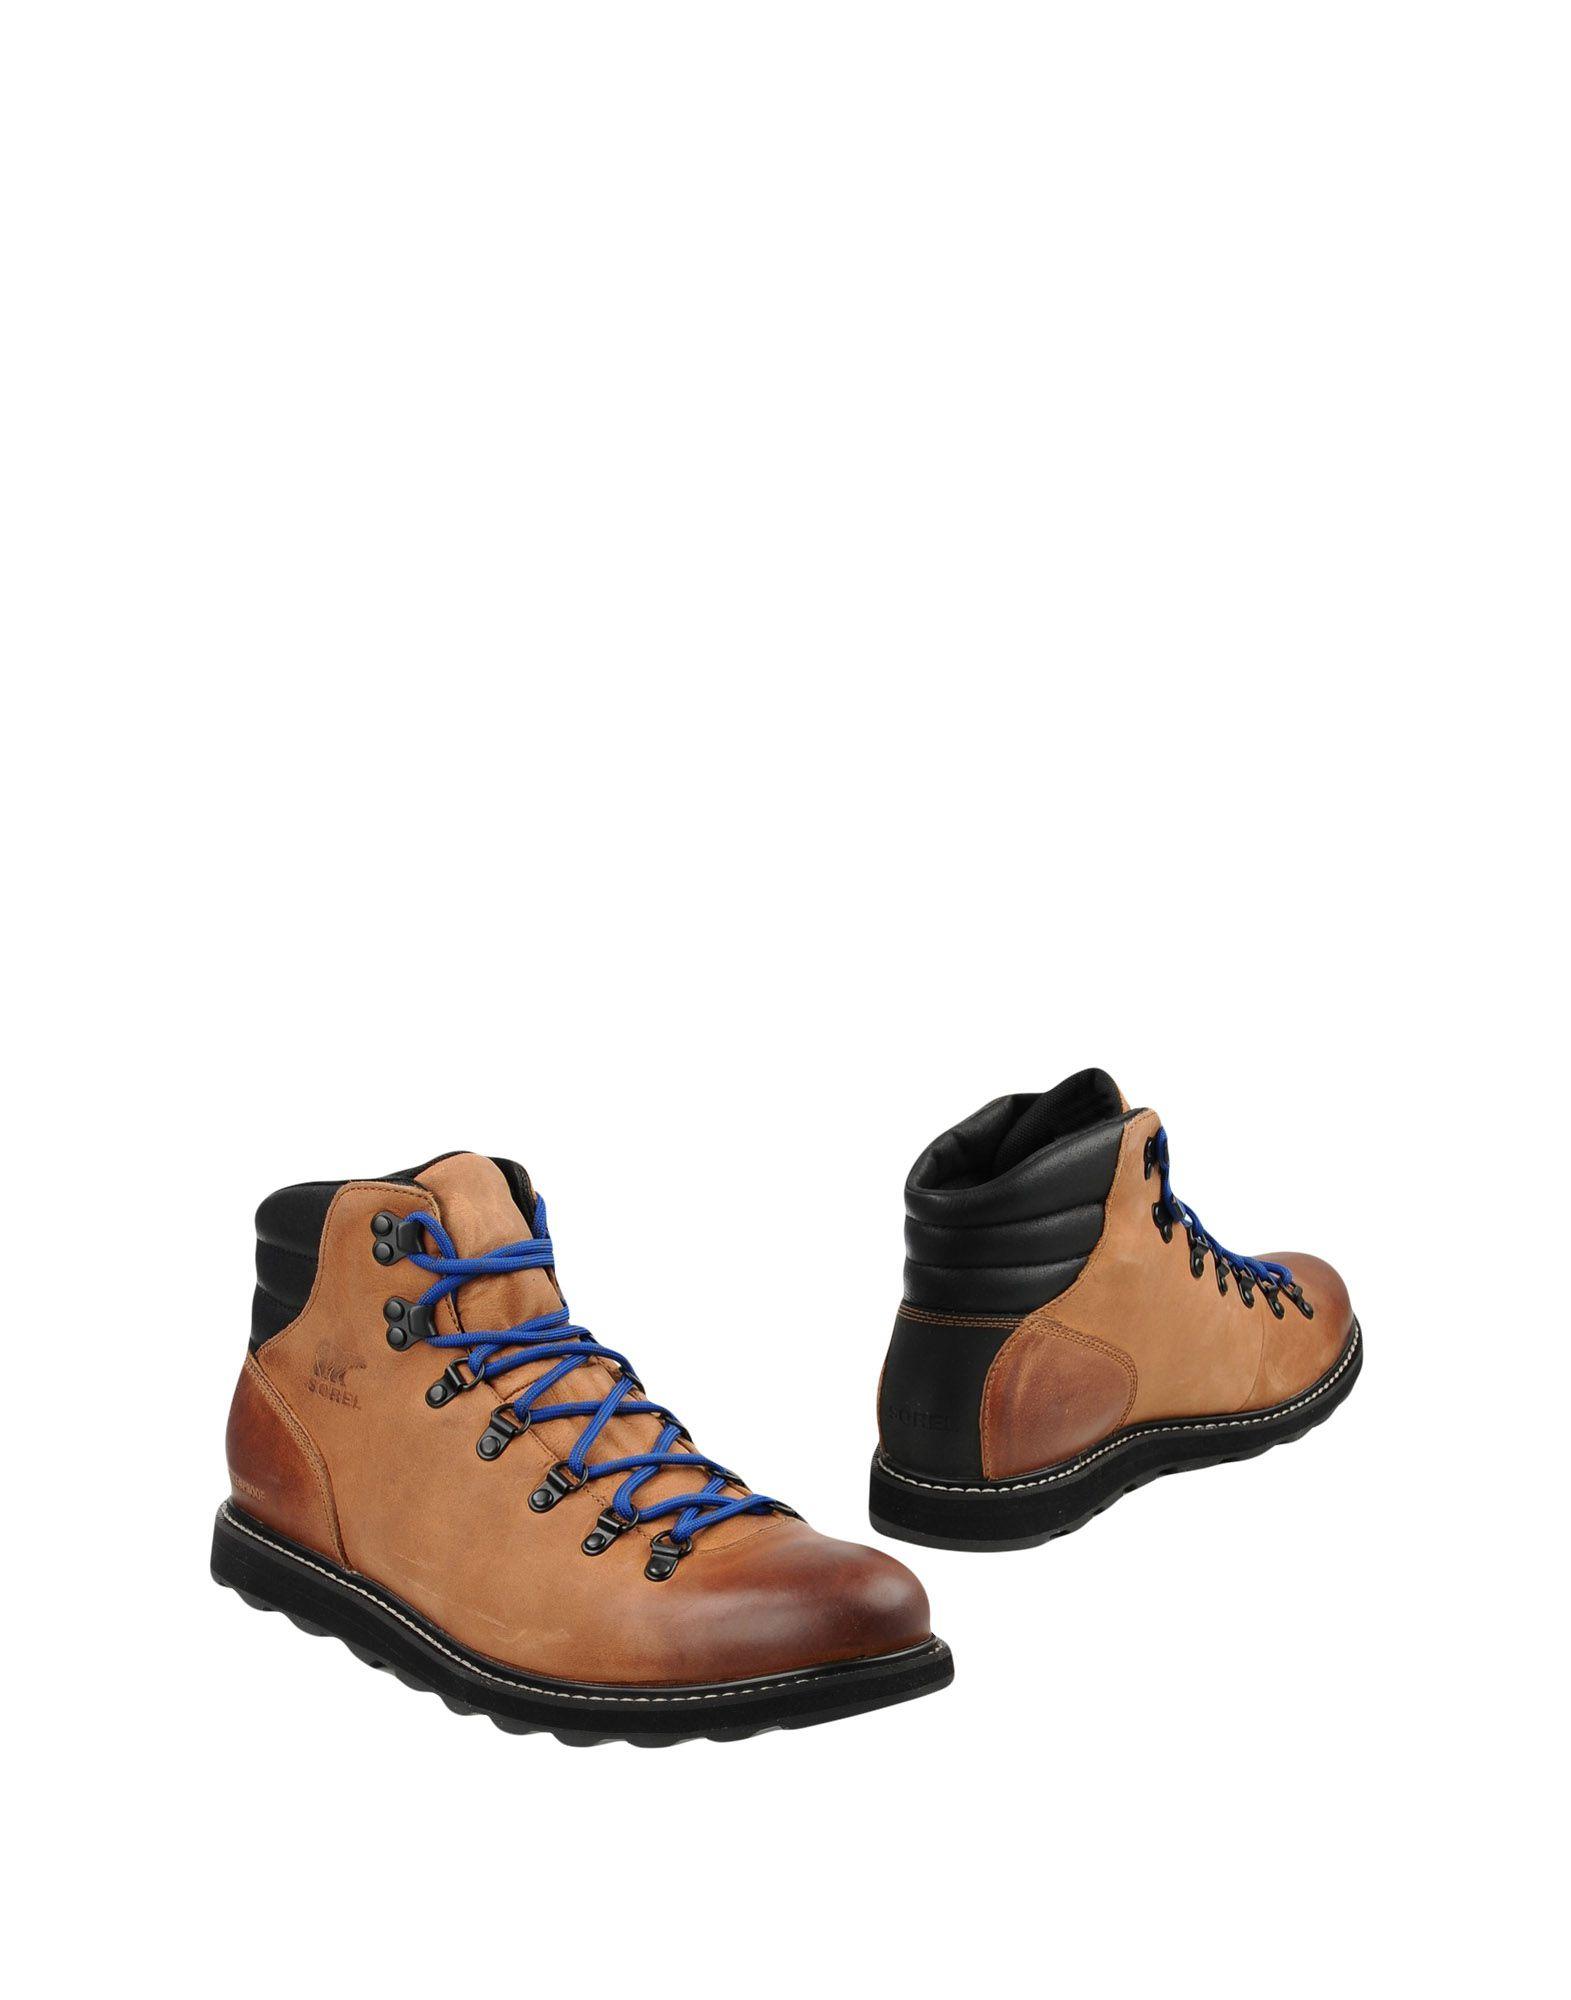 Sorel Madson Hiker Waterproof  11378096DI